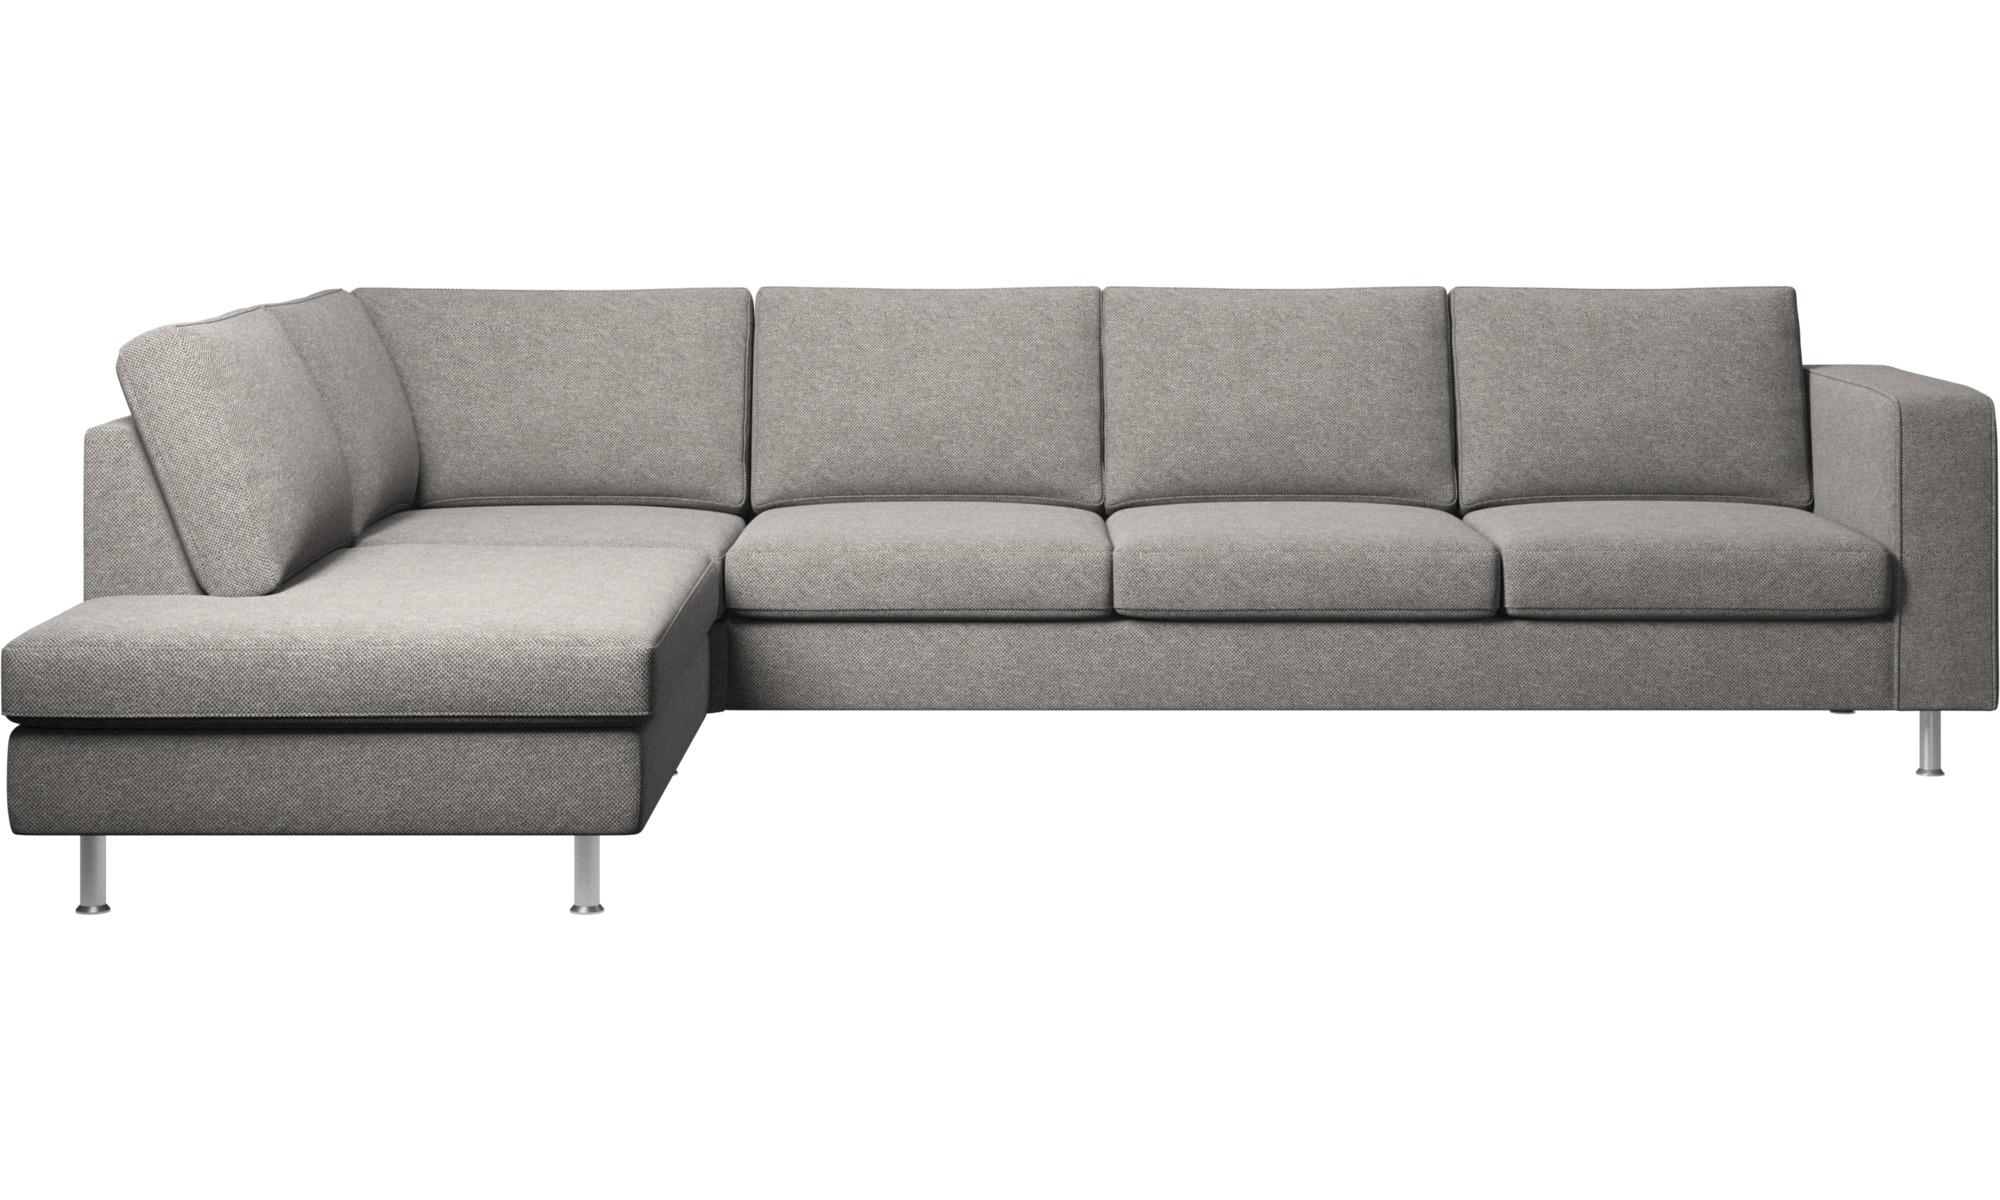 canap s avec m ridienne canap d 39 angle indivi 2 avec. Black Bedroom Furniture Sets. Home Design Ideas